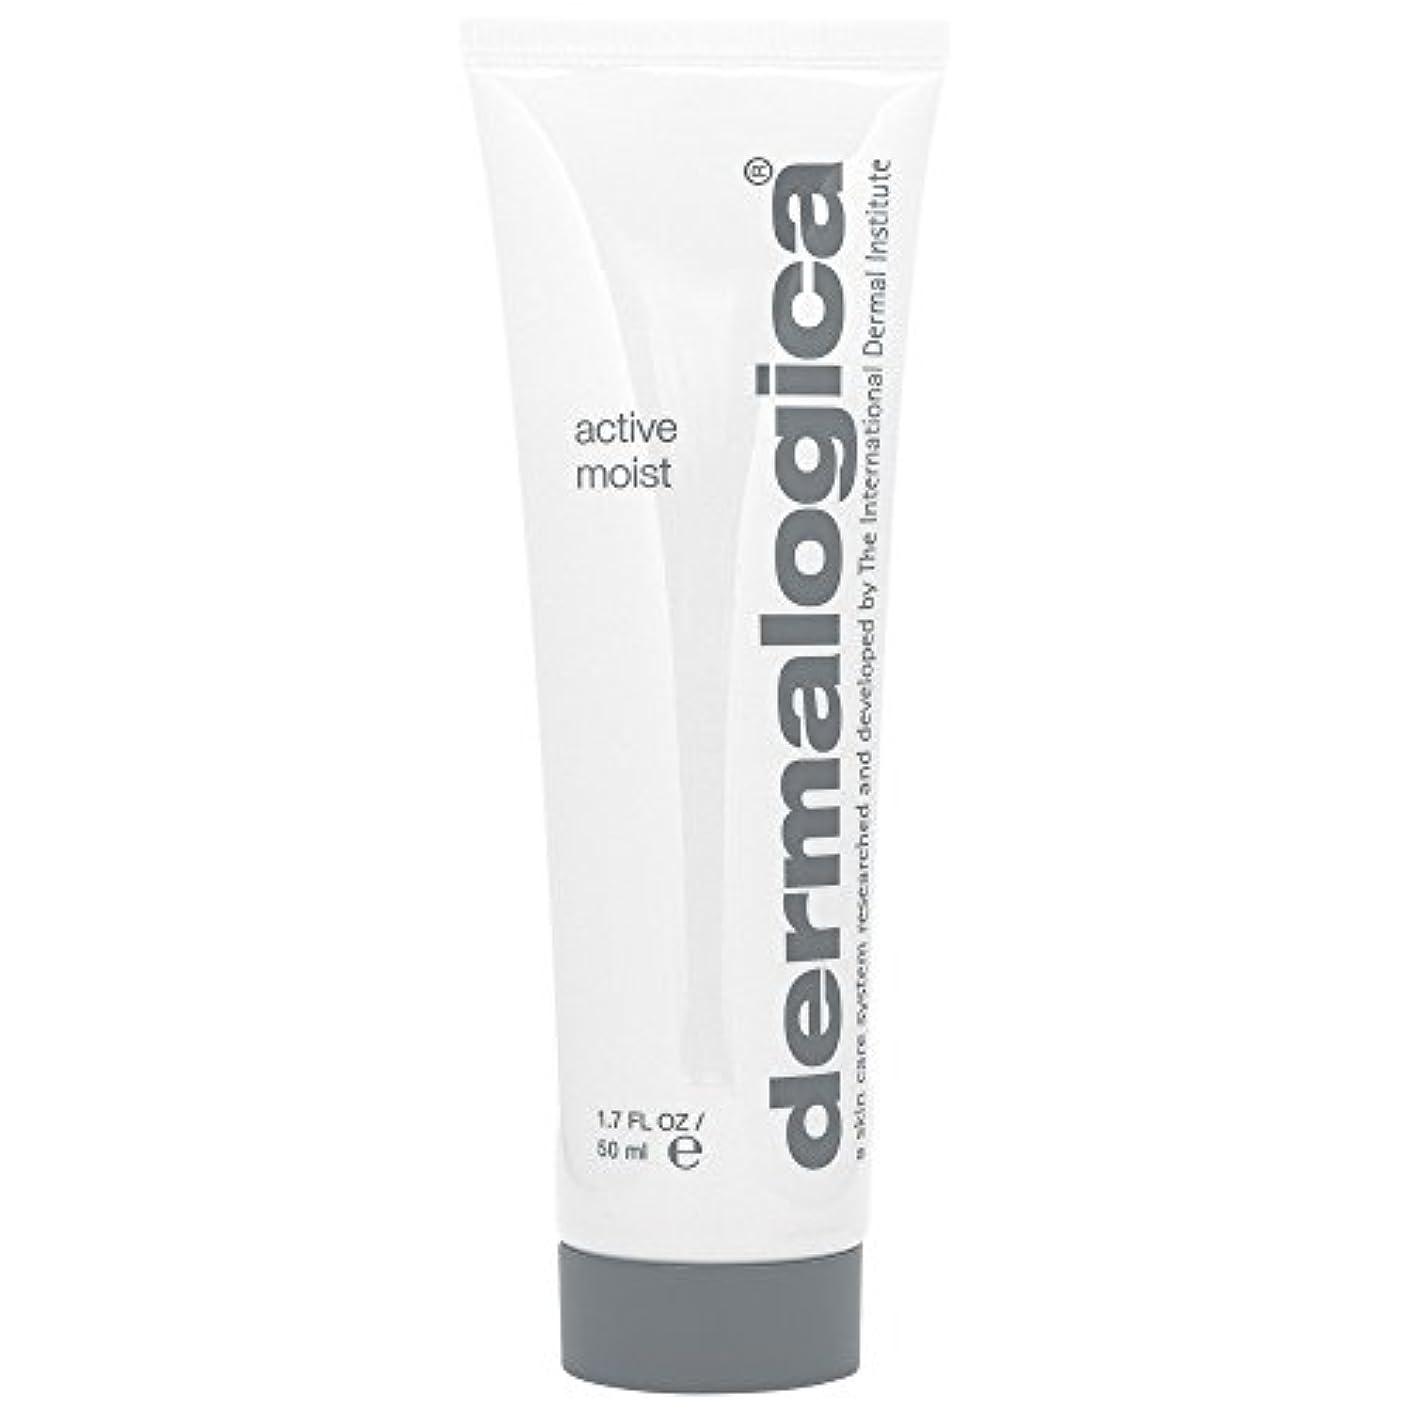 測定ロッジ眠っているダーマロジカアクティブ湿った顔の保湿剤の50ミリリットル (Dermalogica) (x6) - Dermalogica Active Moist Facial Moisturiser 50ml (Pack of 6)...